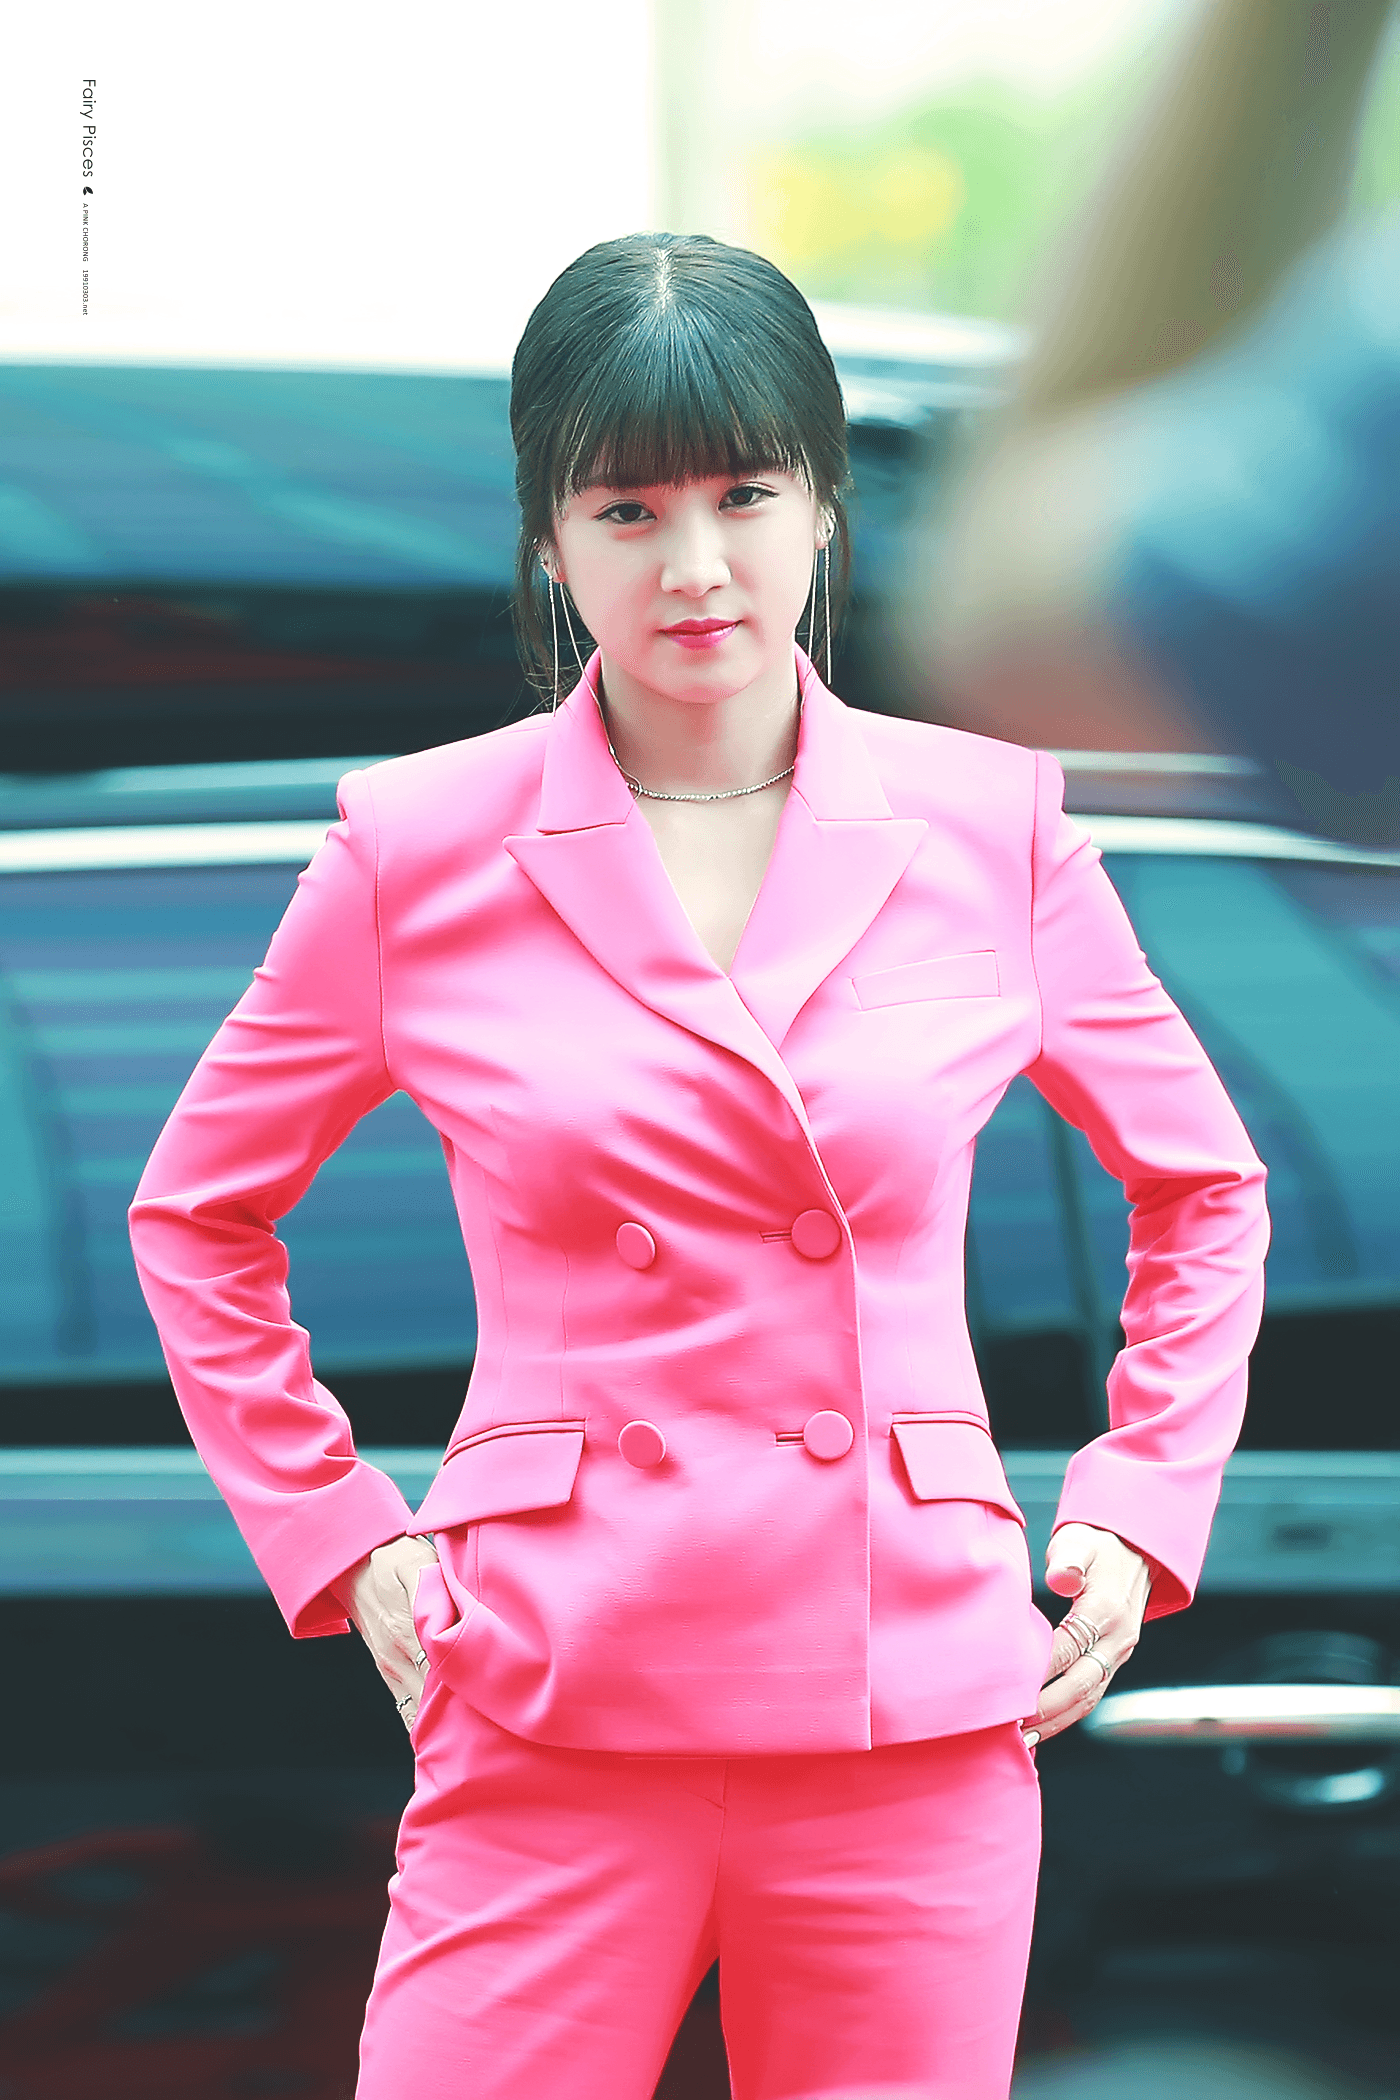 韩国女星A Pink Chorong 朴初珑高清壁纸